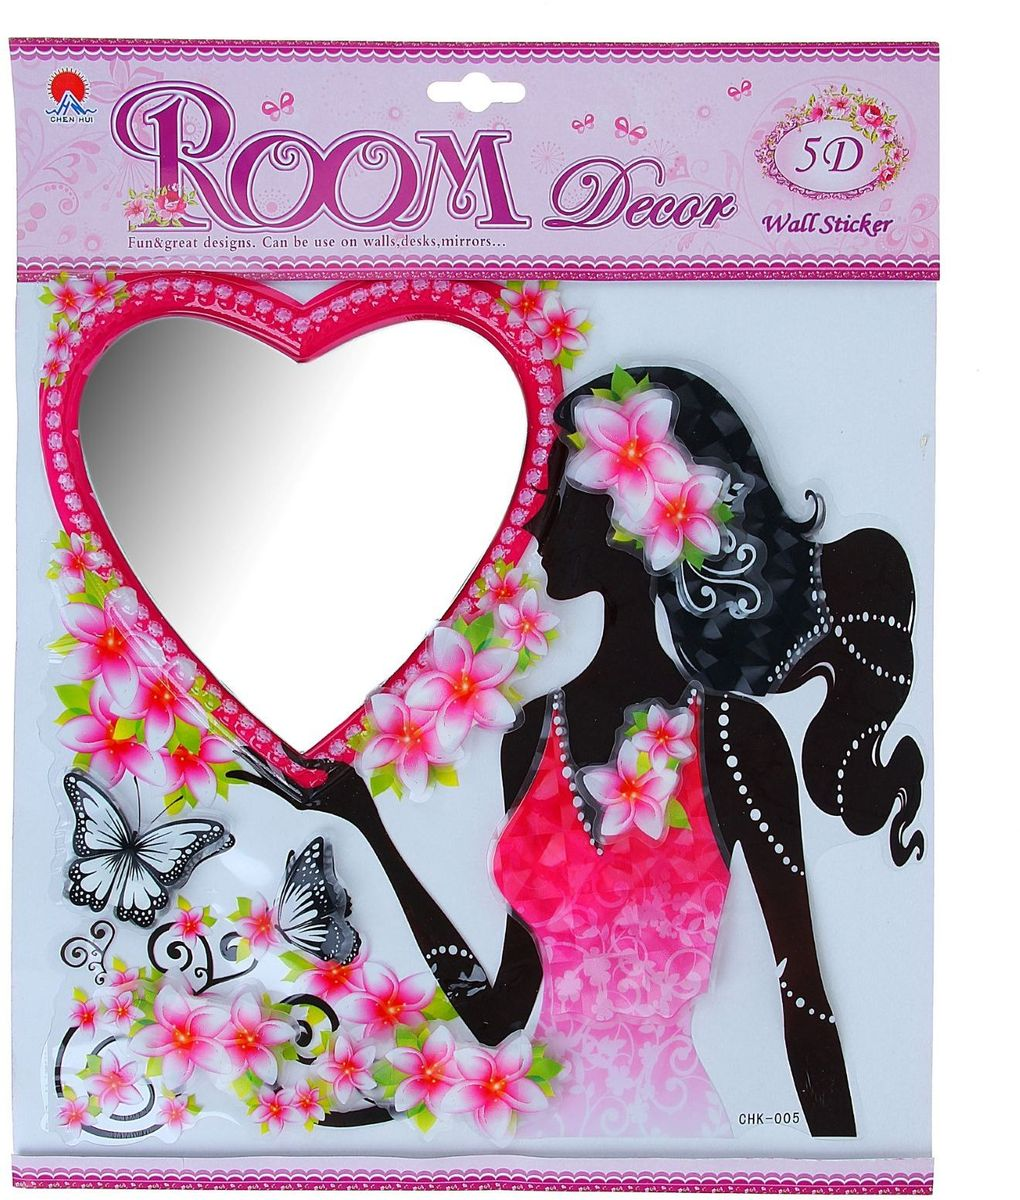 Room Decor Наклейка интерьерная зеркальная 5D Девушка с сердцем1023018Наклейка интерьерная - именно то, что раскрасит серые будни яркими красками. Создайте для себя и своих близких атмосферу праздника. Данный товар соответствует российским стандартам качества, вам не придётся краснеть за такой подарок.